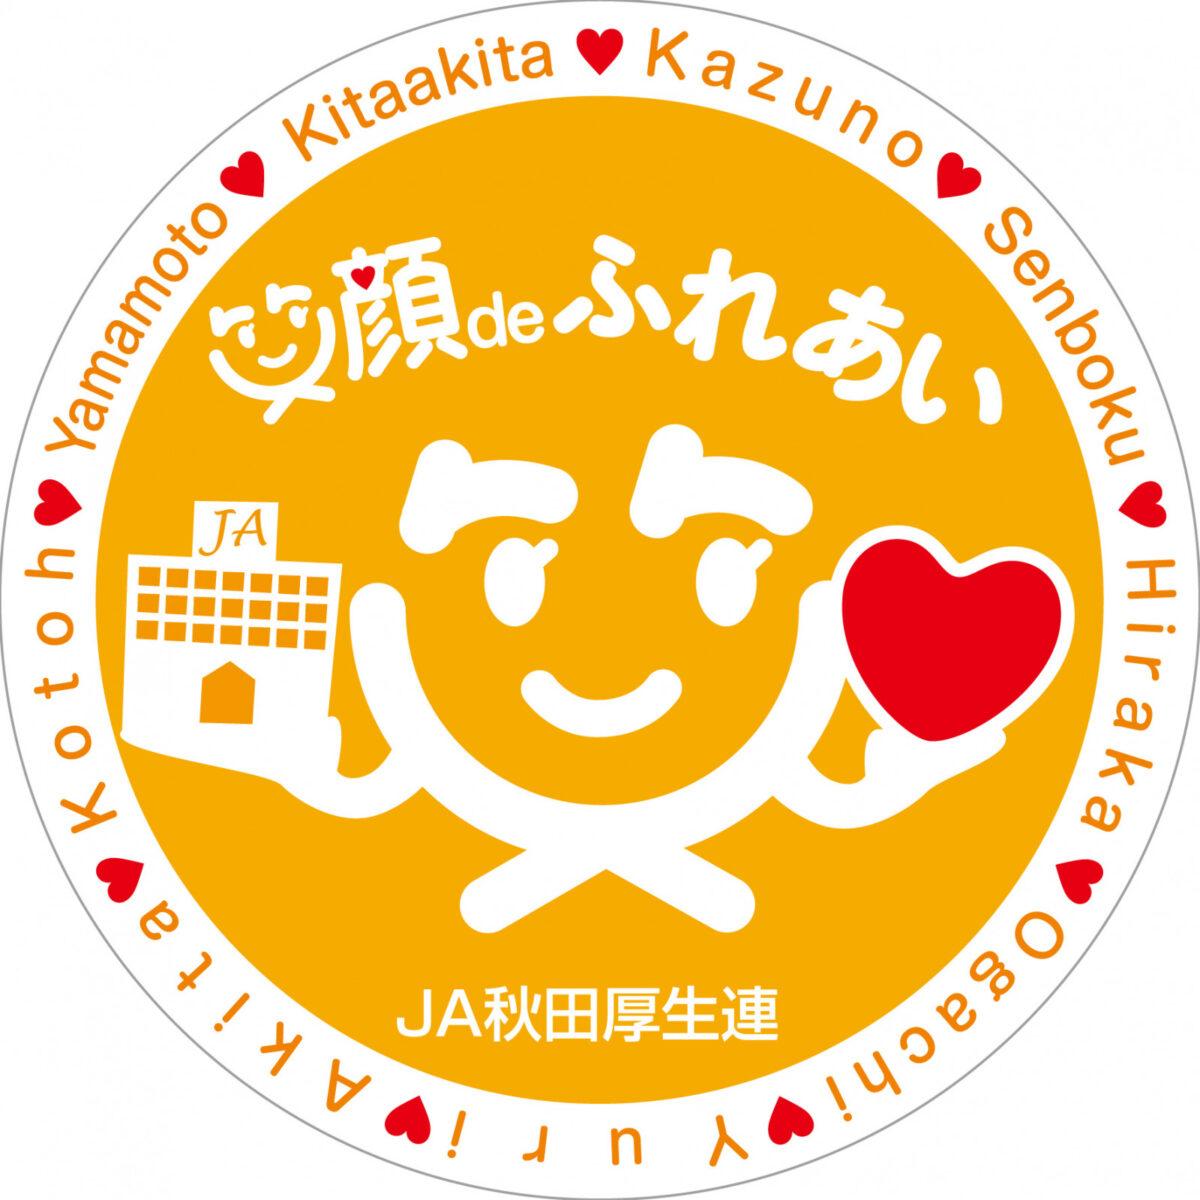 16:30~ 秋田県厚生農業協同組合連合会